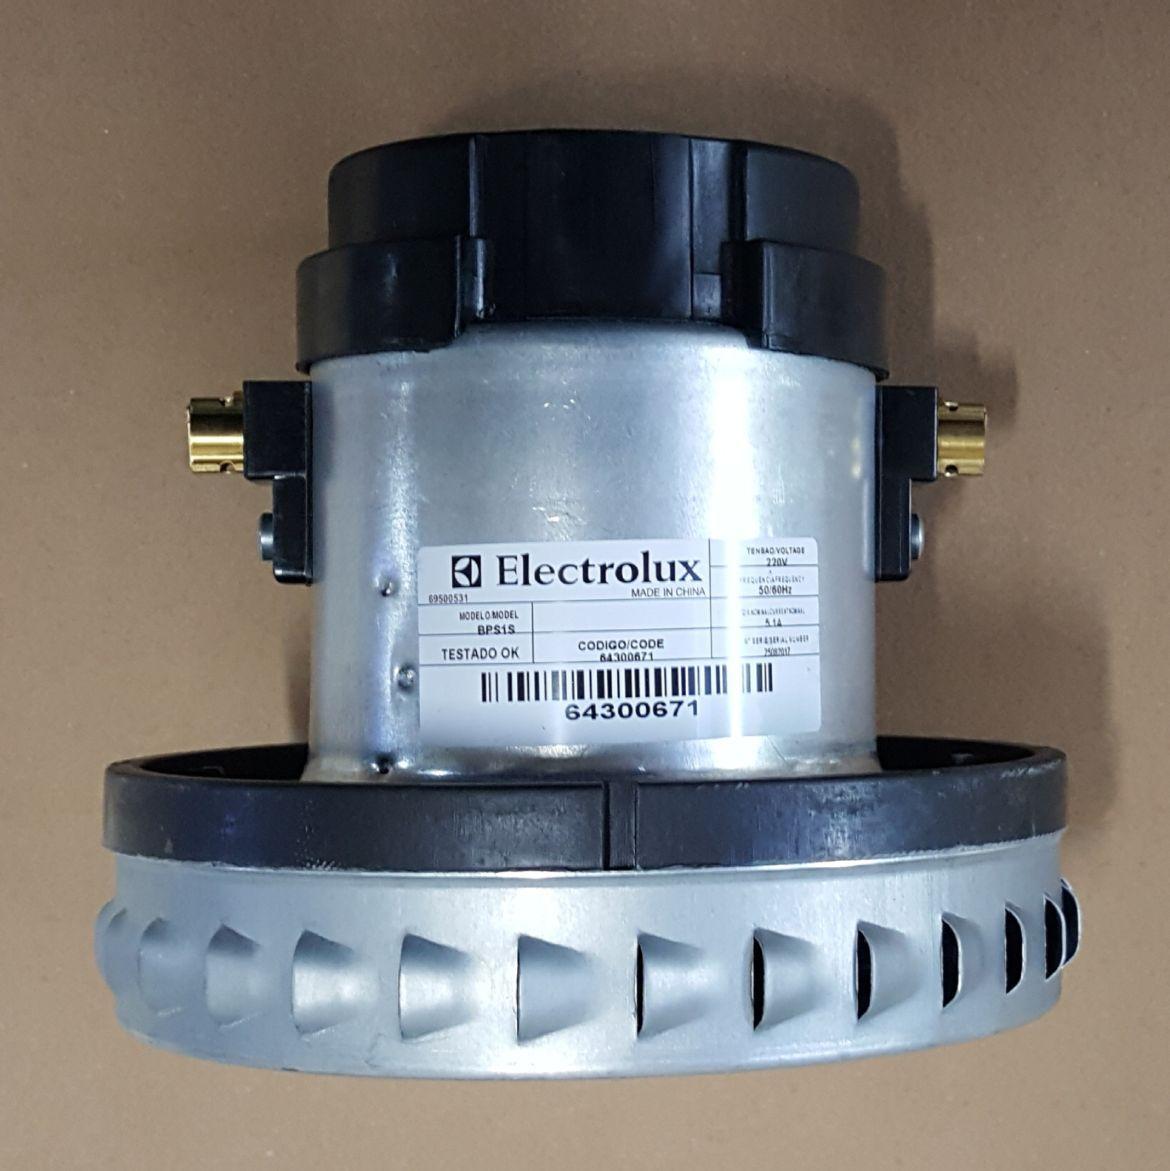 Motor Aspirador de Pó Electrolux - BPS1S - 220v - 1000w - Modelos: A10 / A20 / GT3000